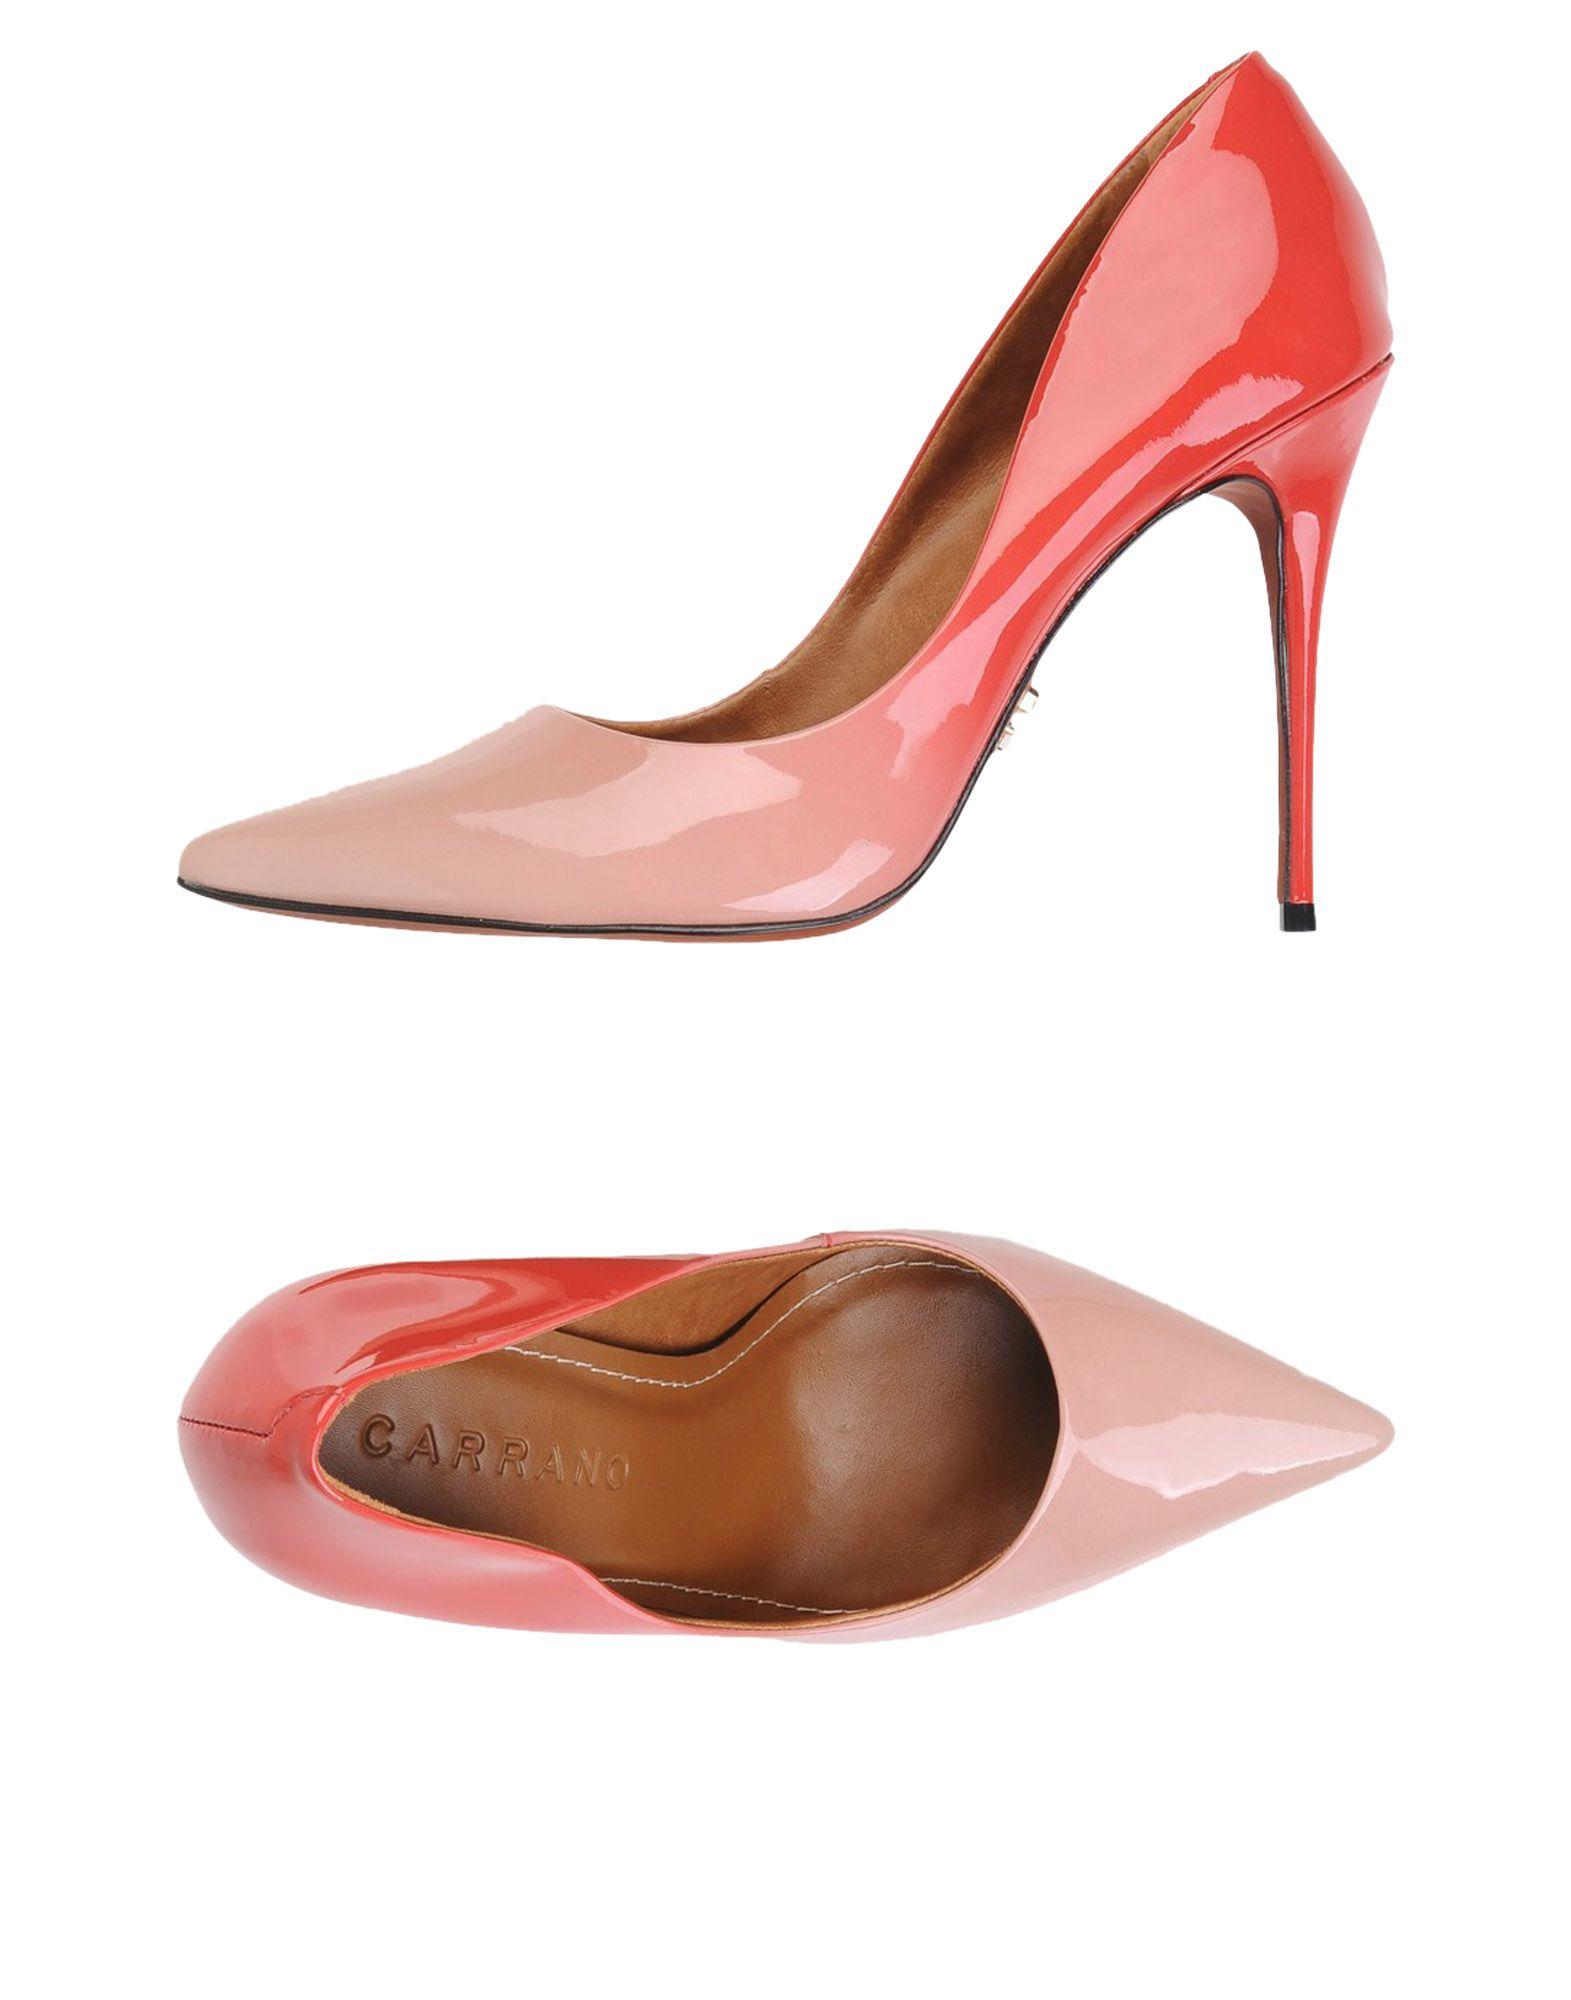 Décolleté Carrano Sandals - Donna - Acquista online su